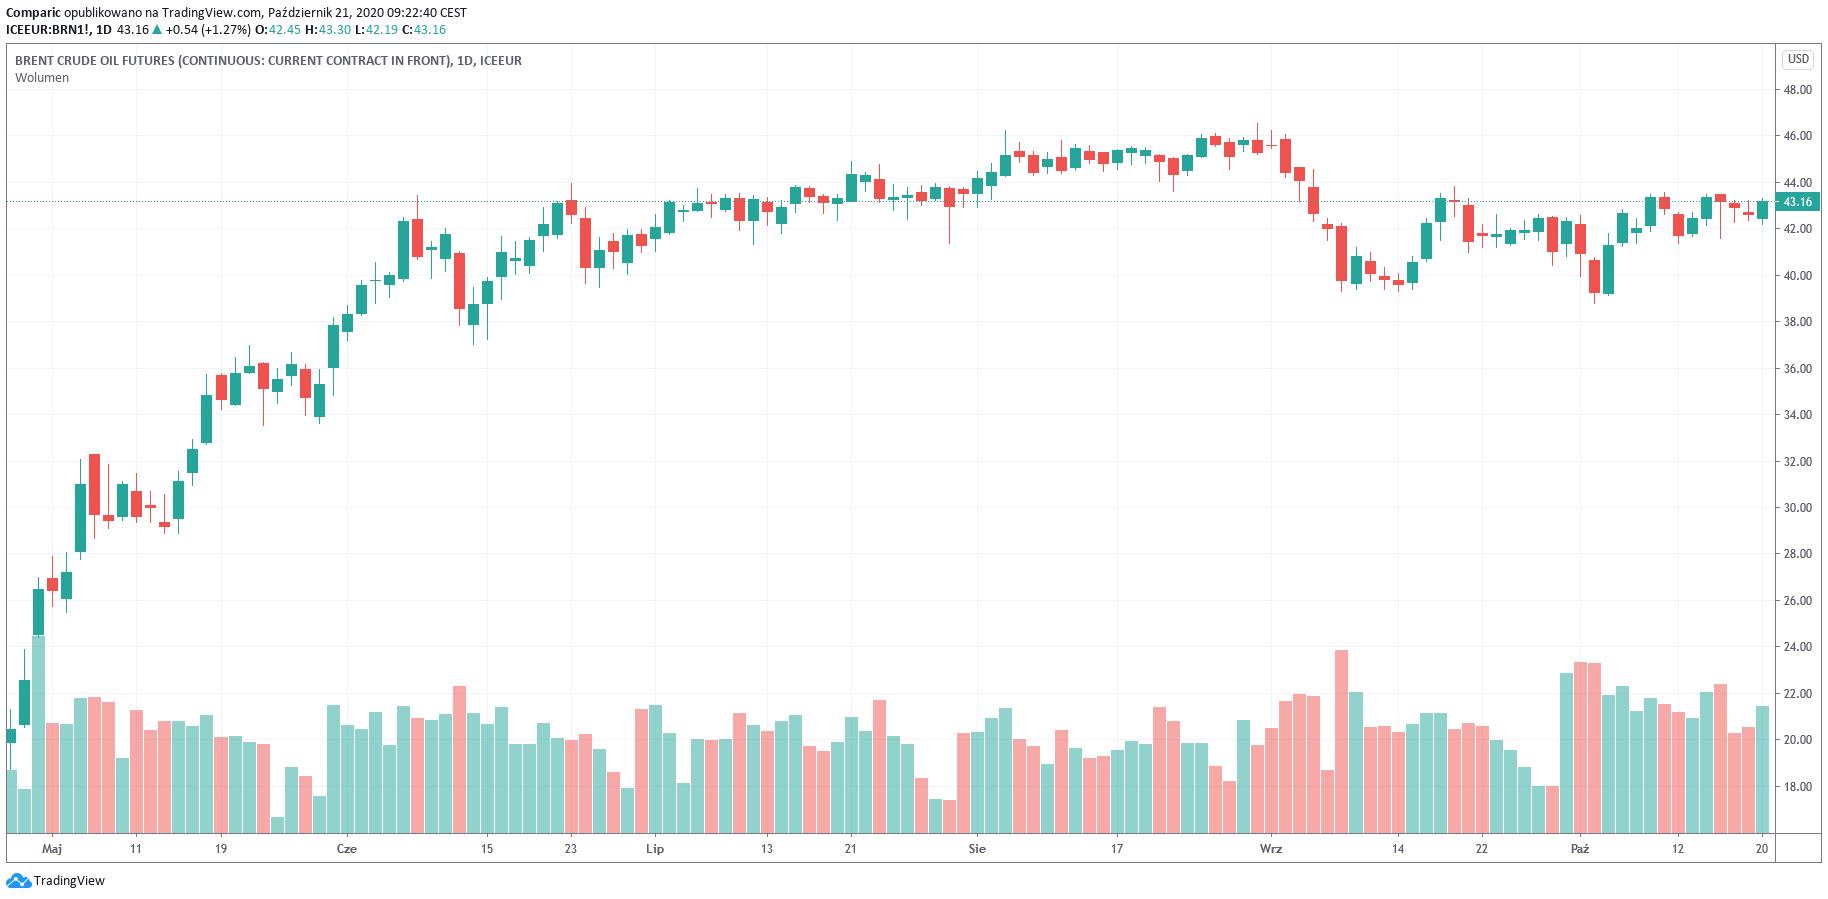 Cena ropy na półtoramiesięcznych szczytach. Zaskakujący odczyt zapasów w USA